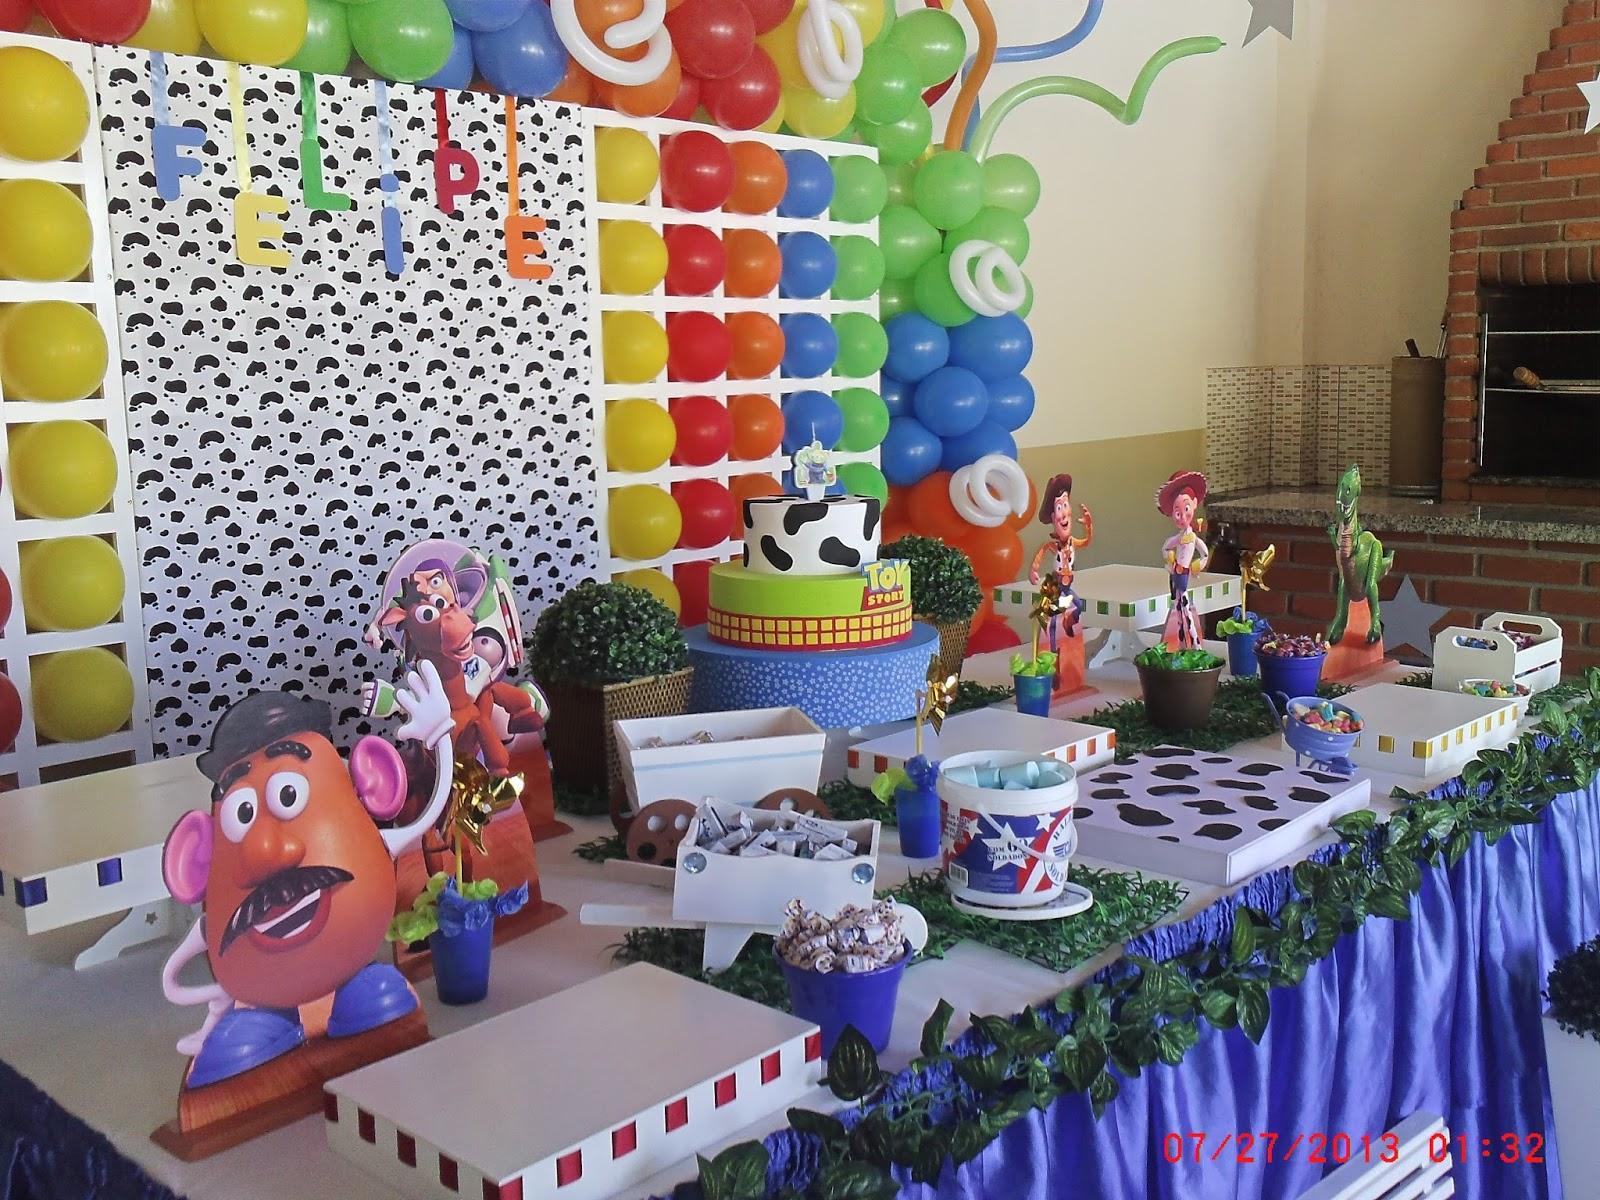 londrina:decoração festa infantil – Claudia Hayasida – Londrina #9F732C 1600x1200 Balança De Banheiro Londrina